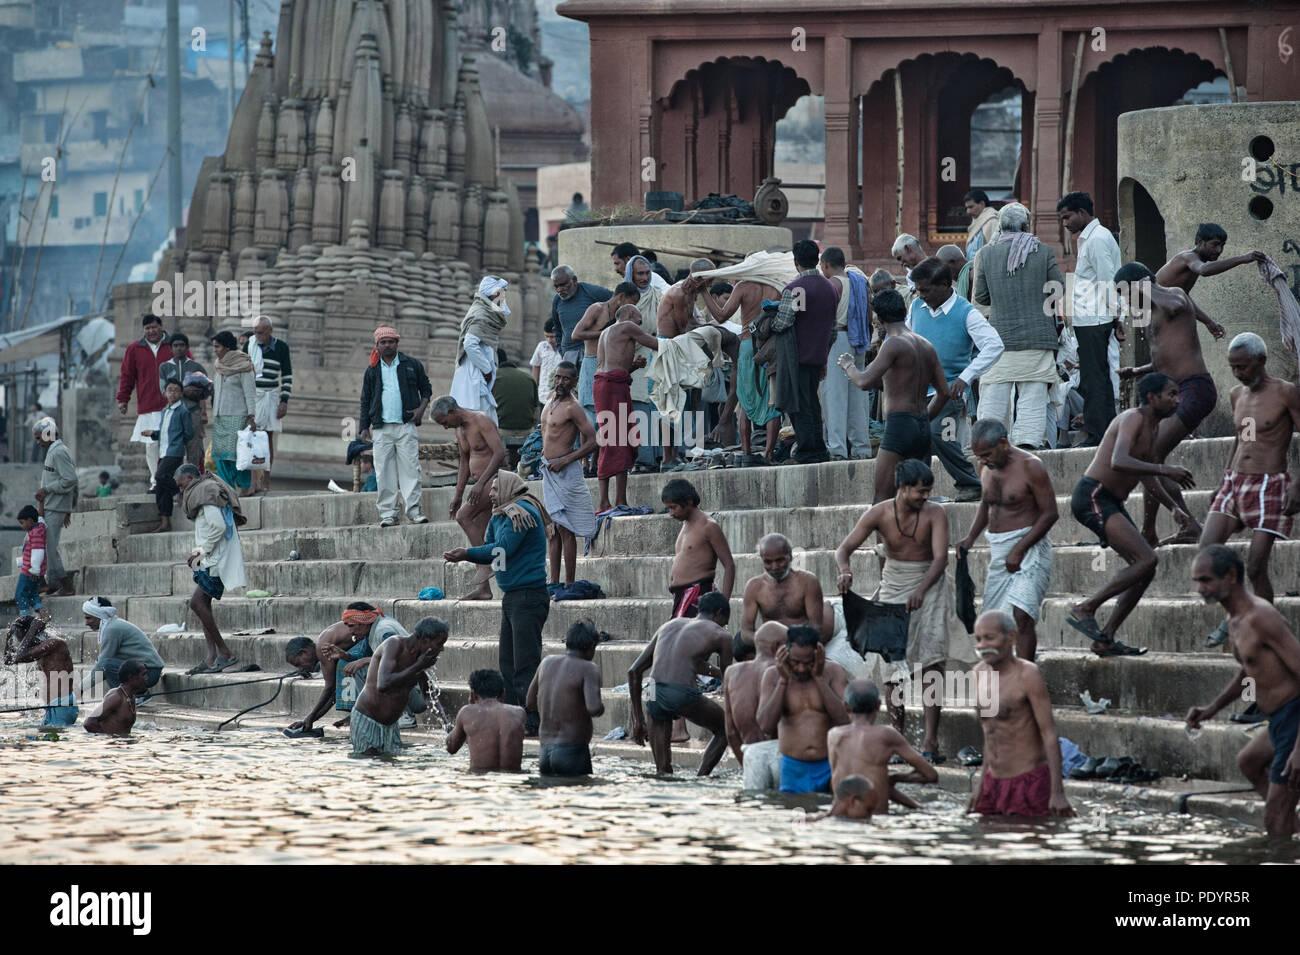 La gente fare il bagno nel fiume Gange in Varanasi, Uttar Pradesh, India, GAT Immagini Stock